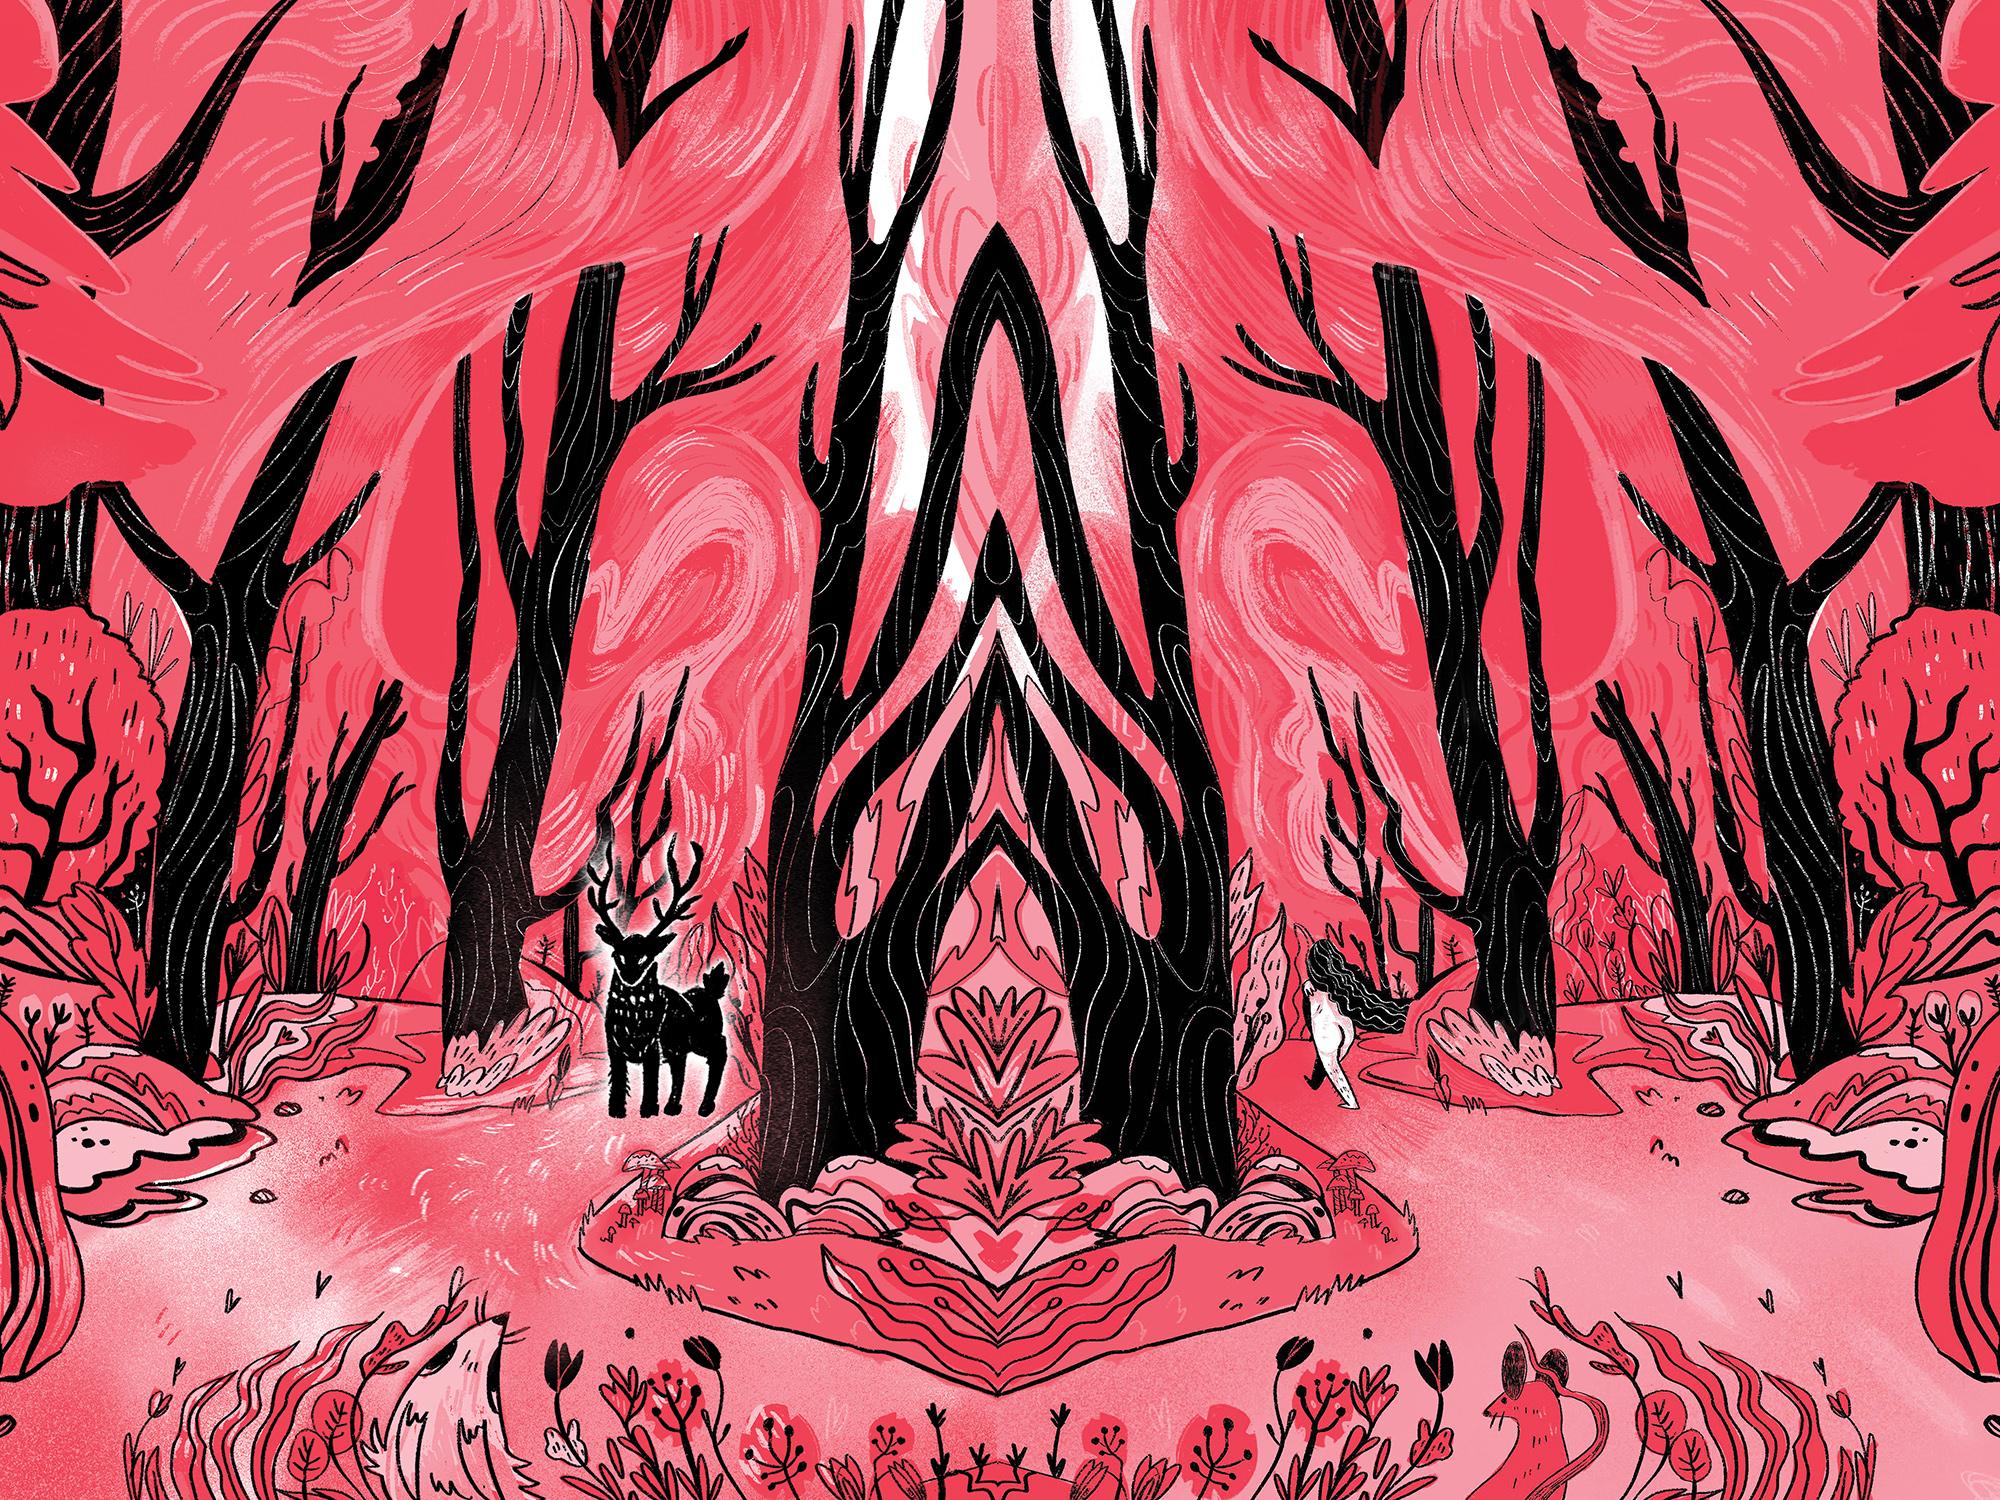 Artwork by Nina Vazquez